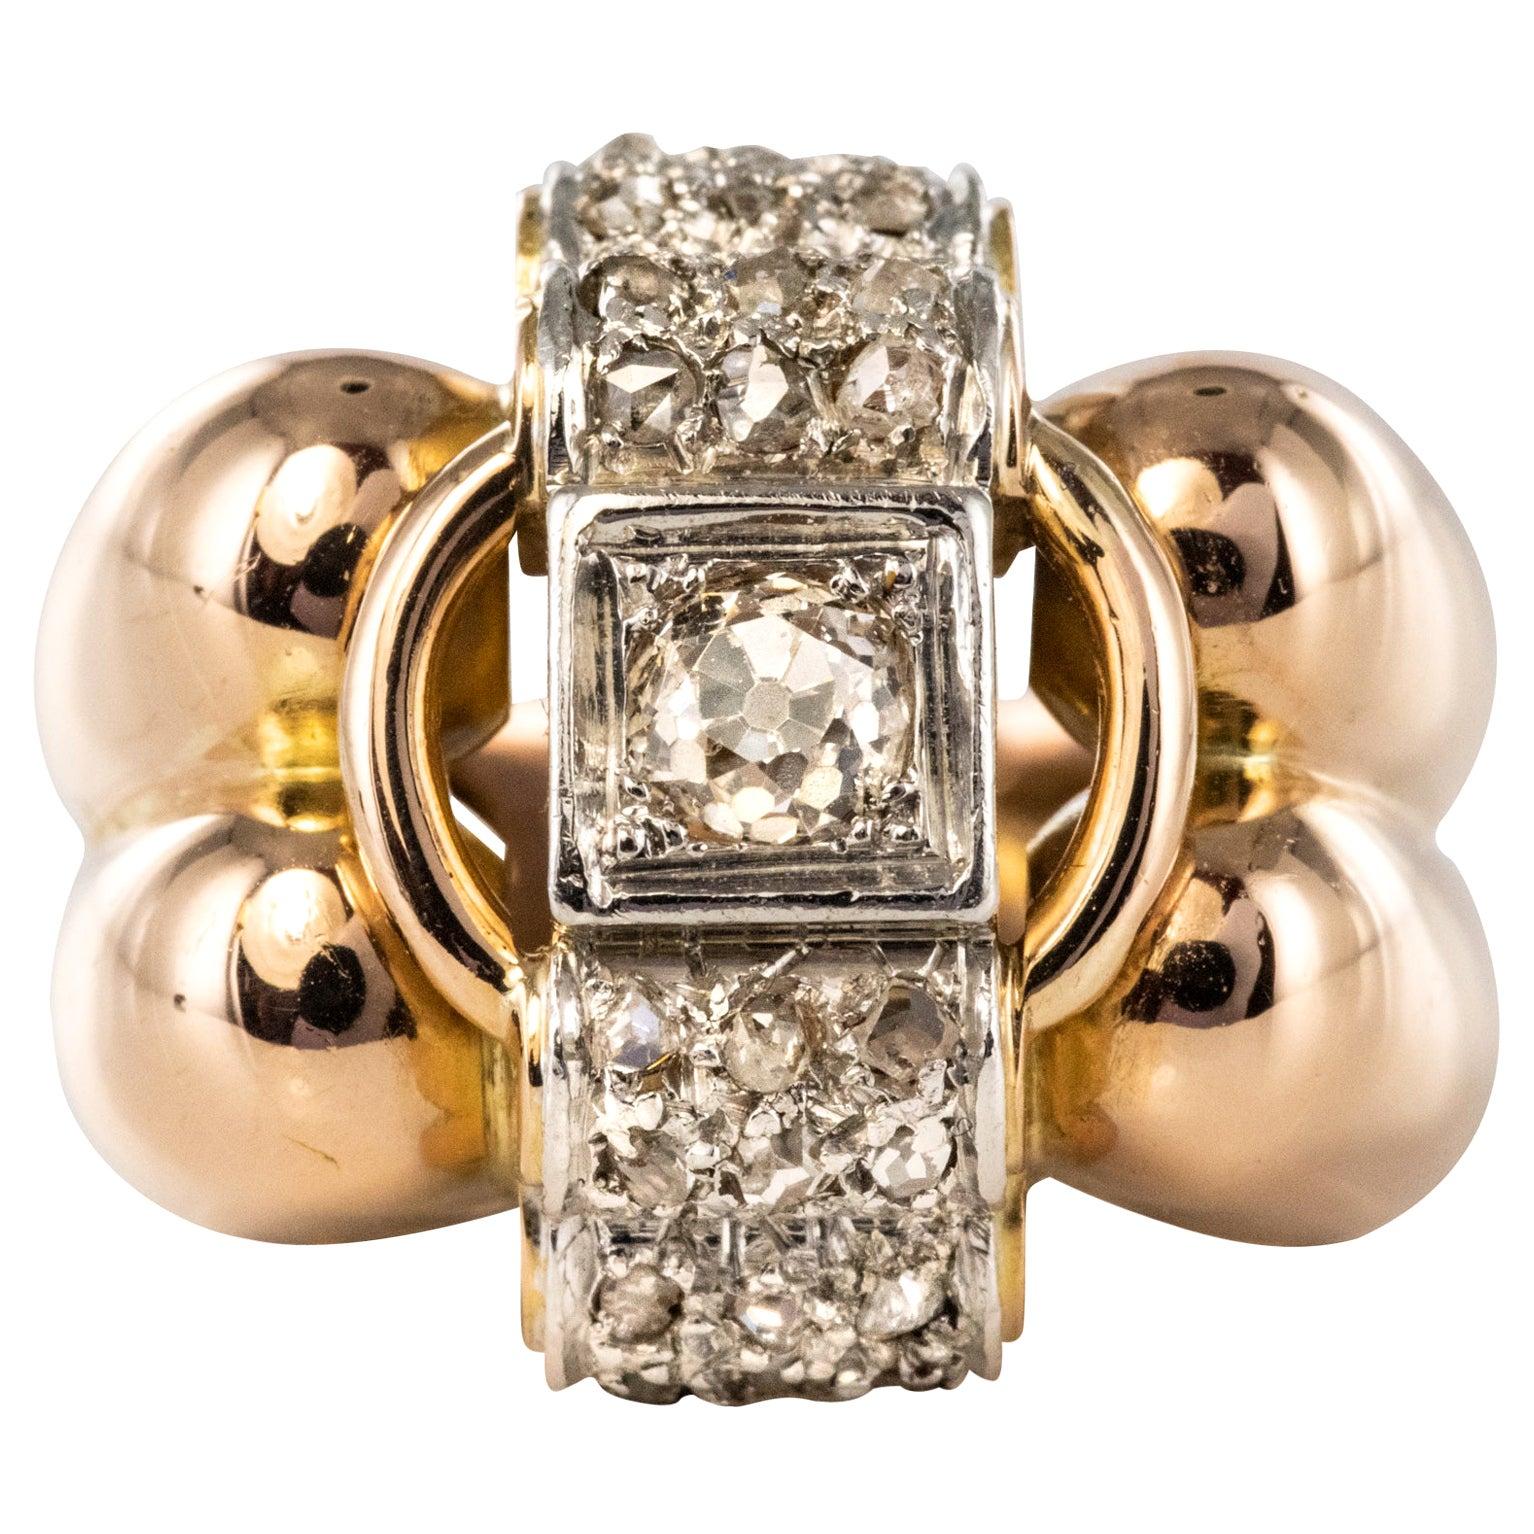 1940s Retro Diamond 18 Karat Rose Gold Platinum Large Gadroons Tank Ring